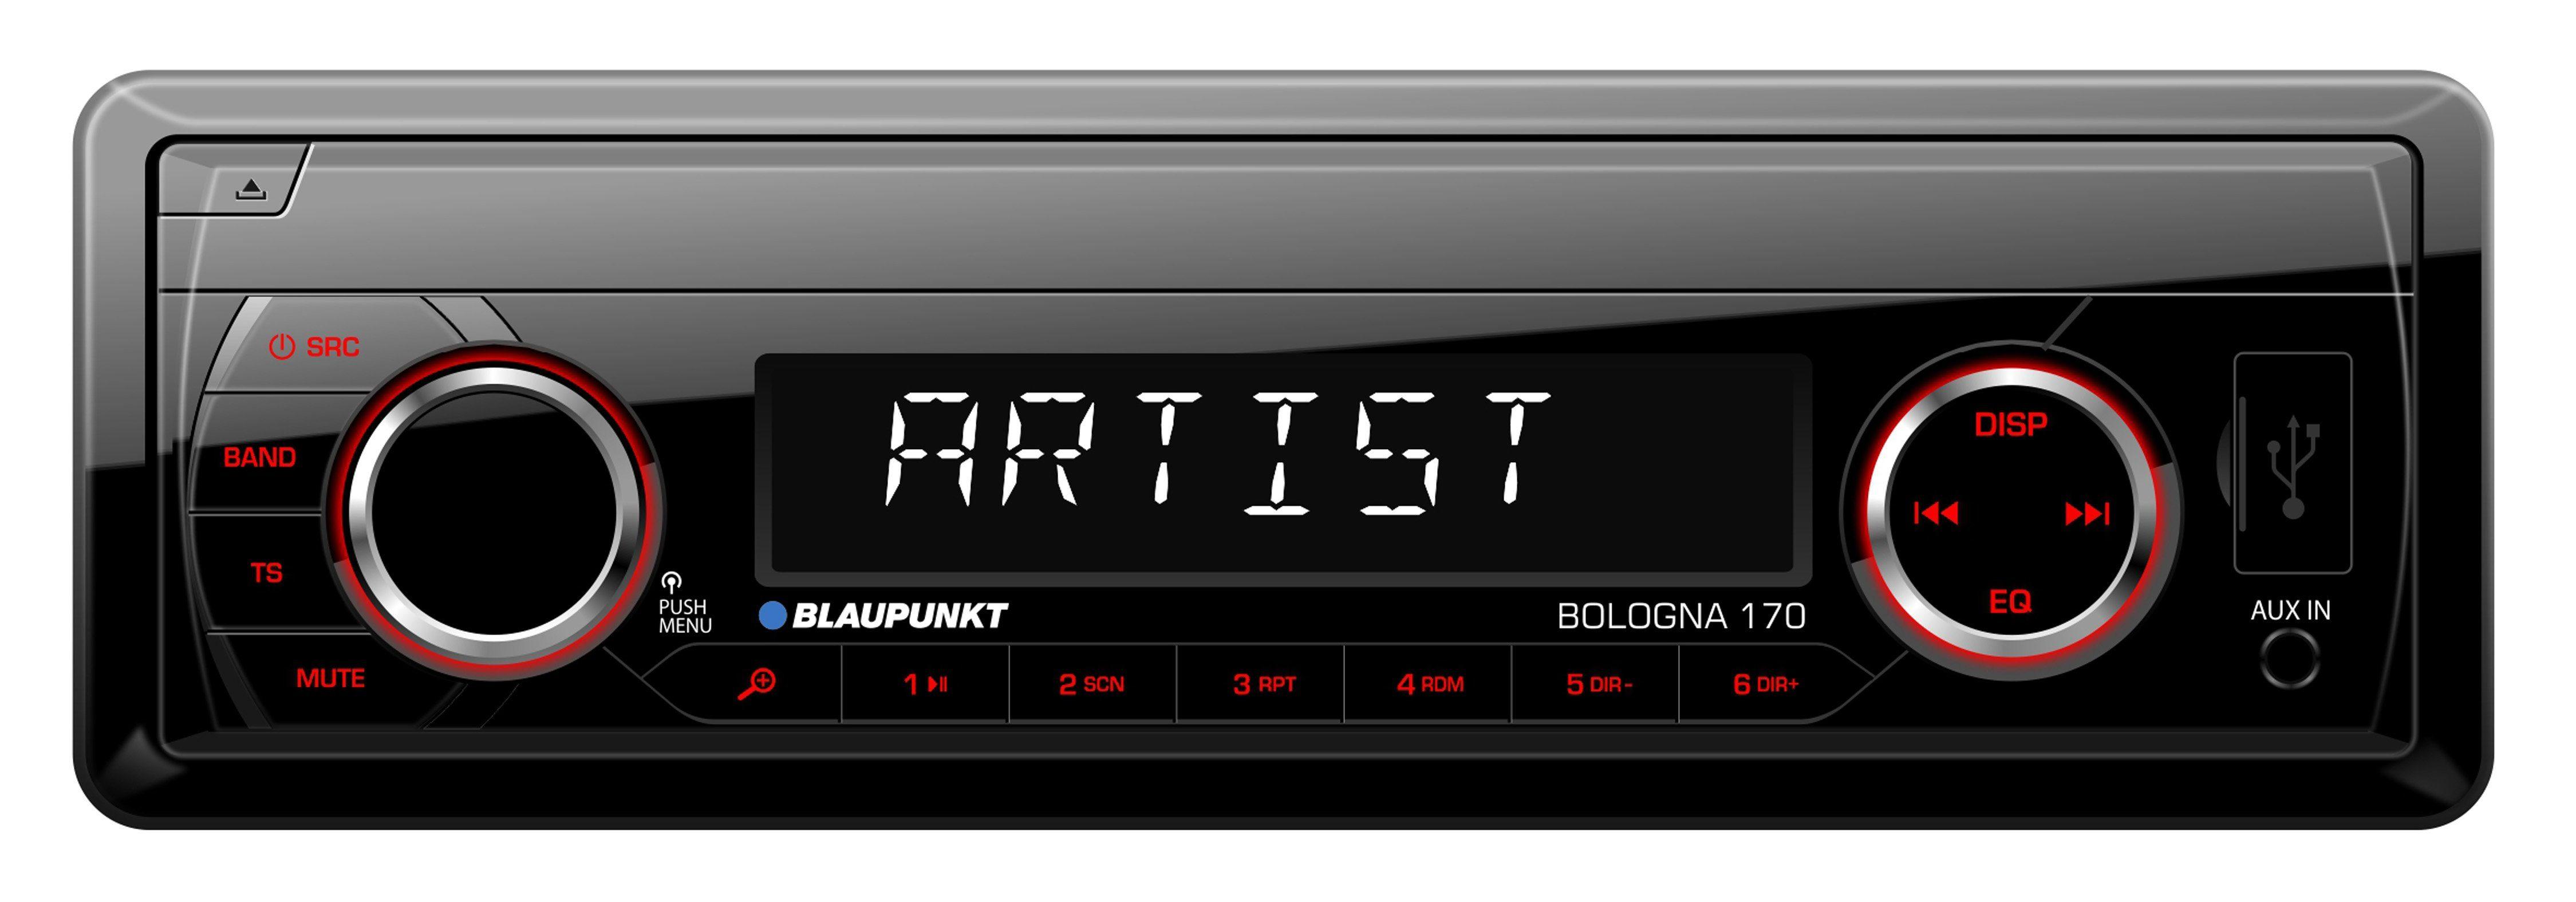 Blaupunkt 1-DIN Autoradio mit USB-Anschluss, X-BASS & abnehmbaren Panel »BOLOGNA 170«